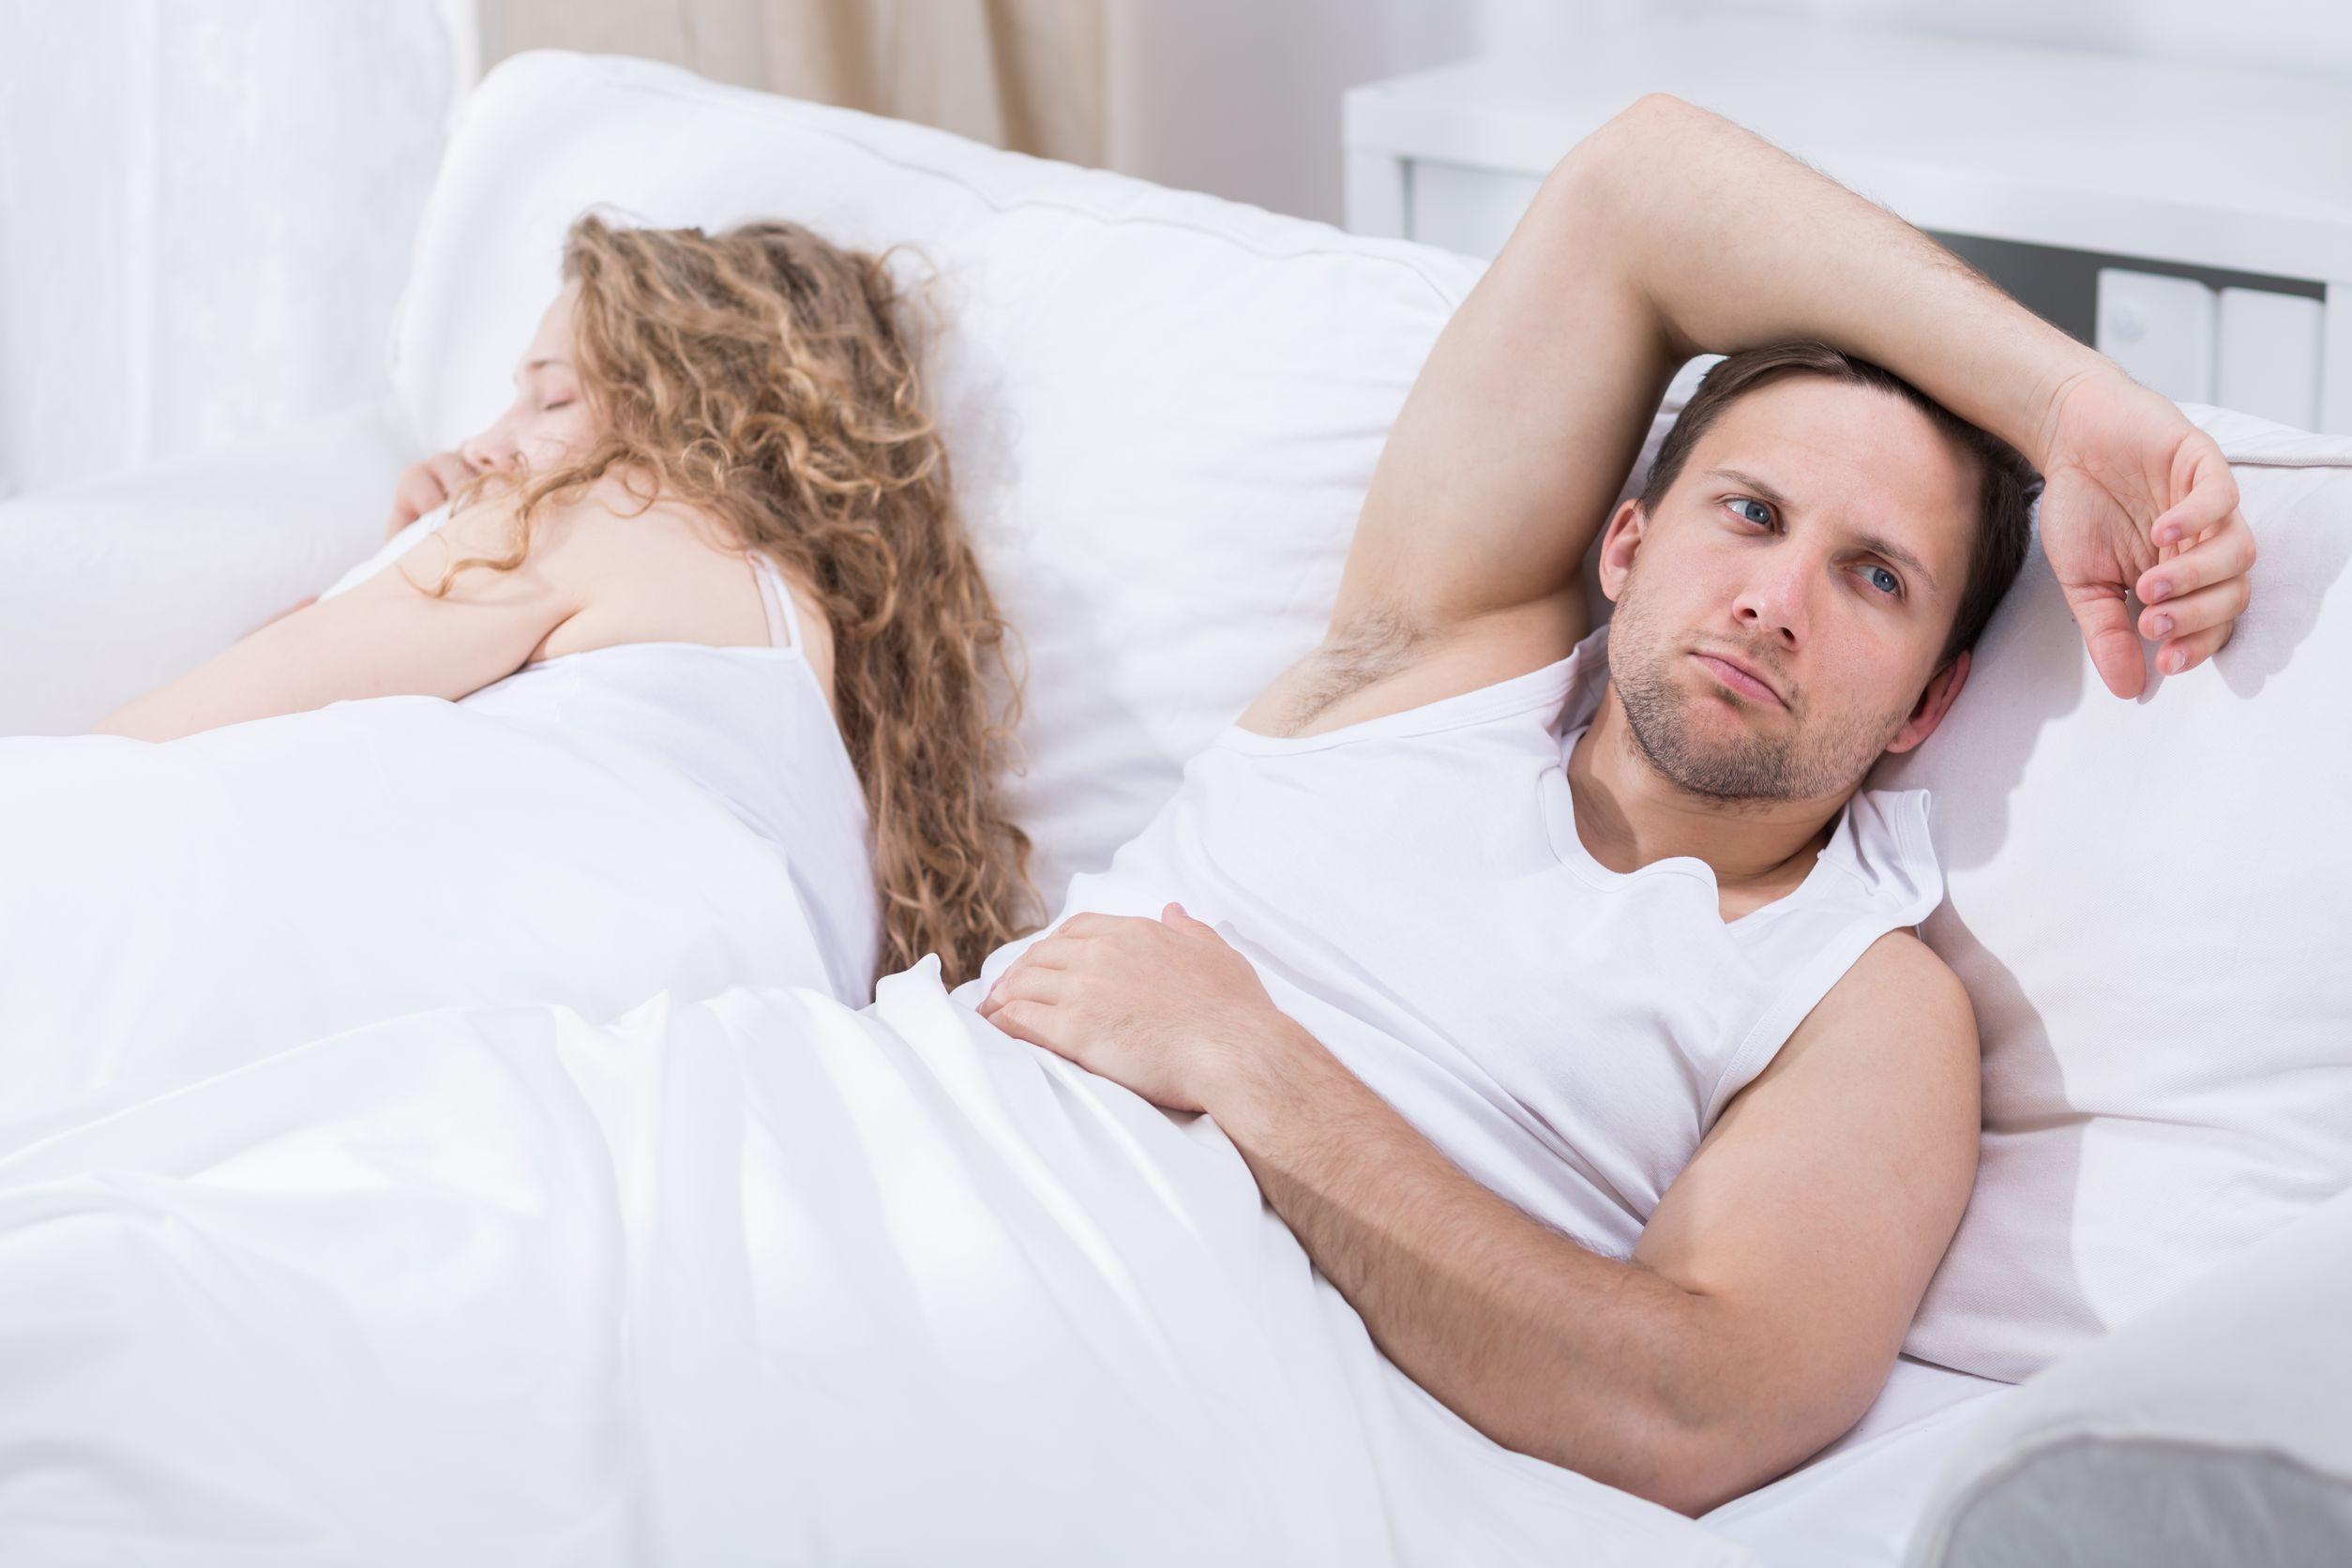 Sexuální život vašich sousedů je nejspíš právě tak špatný, jako ten váš